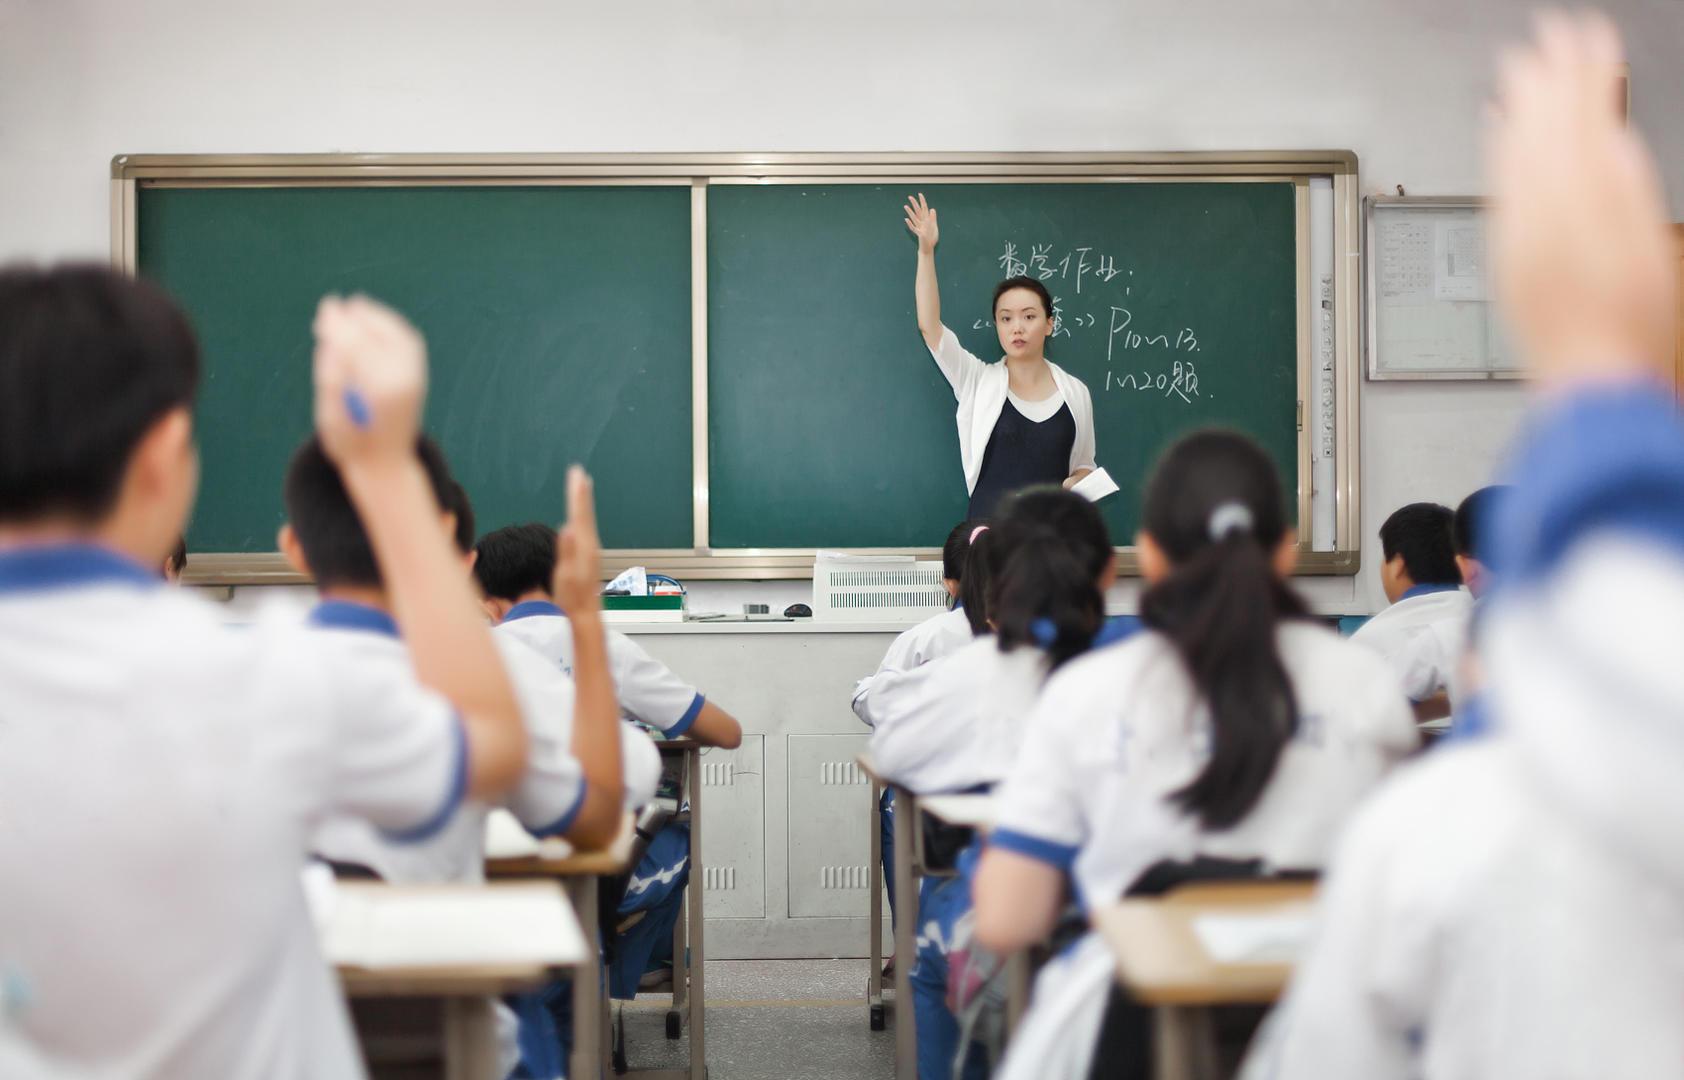 <b>今年教师资格考试报考热,传递出哪些信息</b>